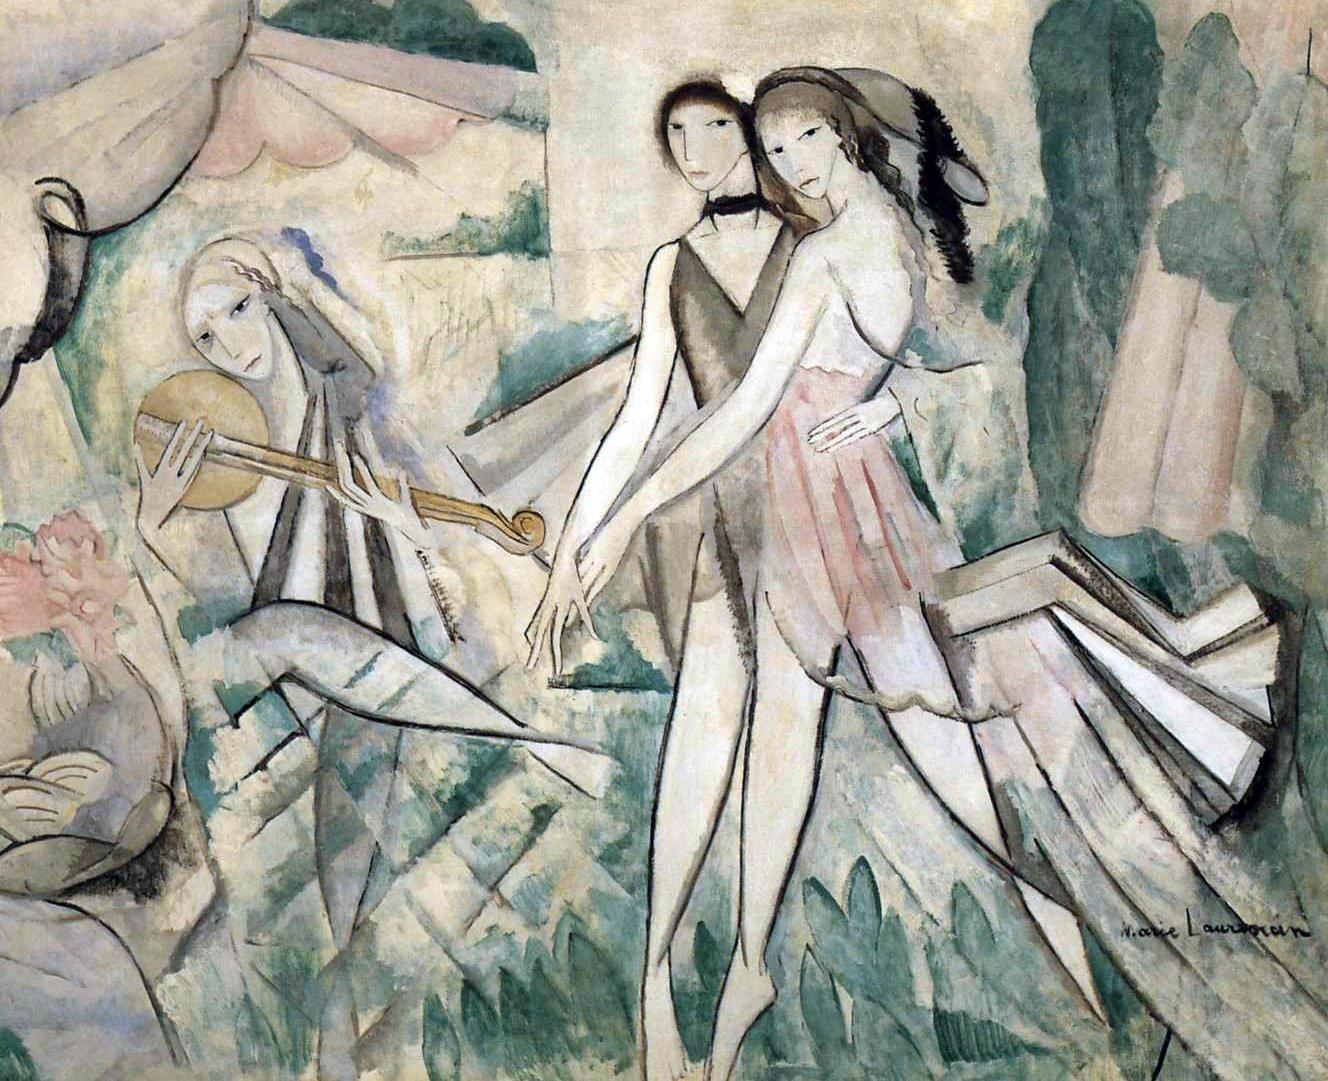 Marie_Laurencin,_1913,_Le_Bal_élégant,_La_Danse_à_la_campagne.